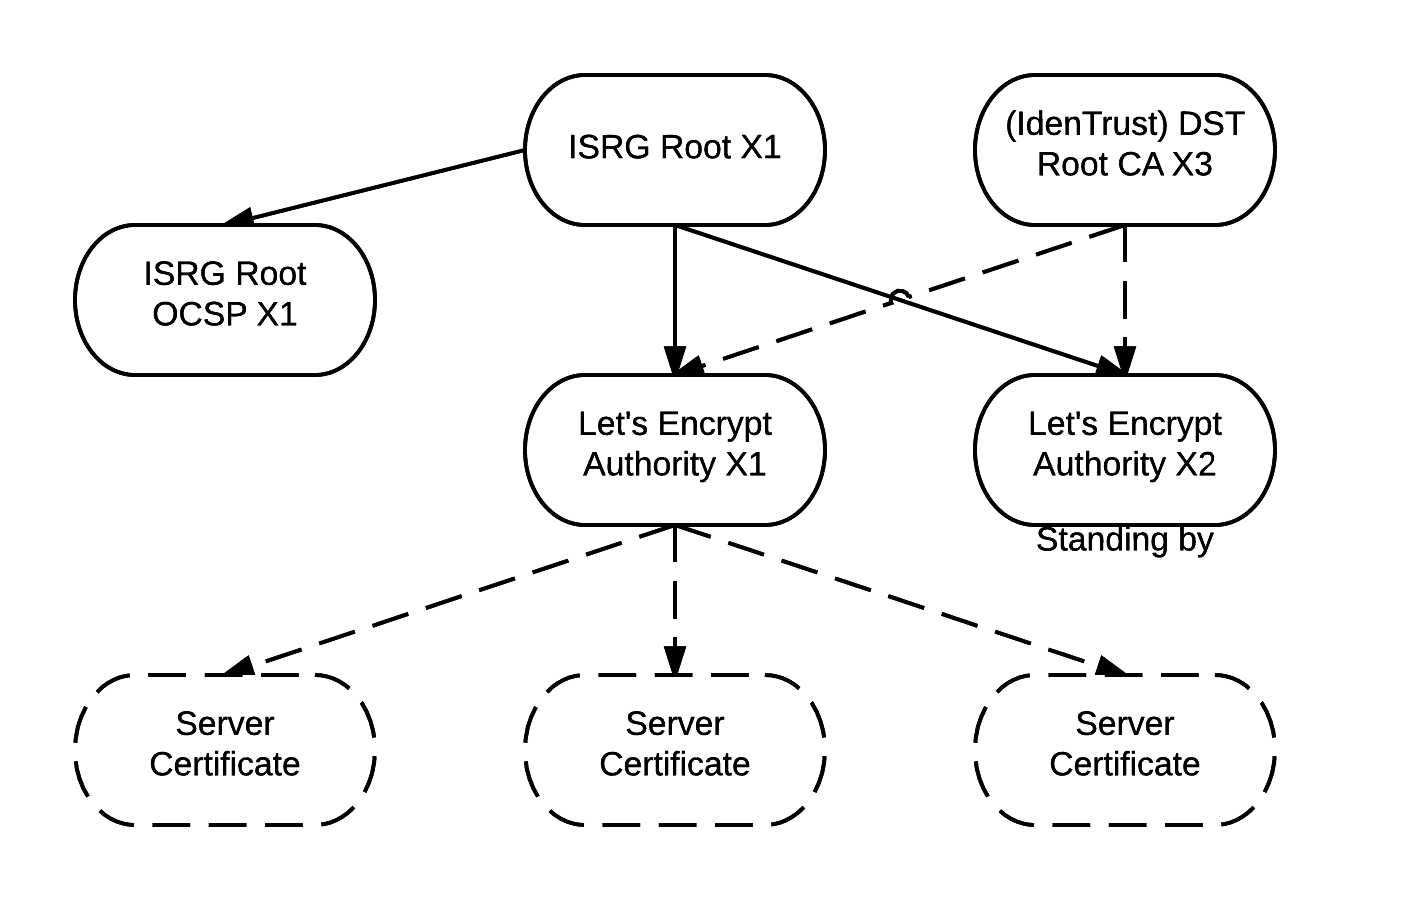 Из-за проблем у GlobalSign ряд HTTPS-сайтов будет частично недоступен следующие 4 дня - 5